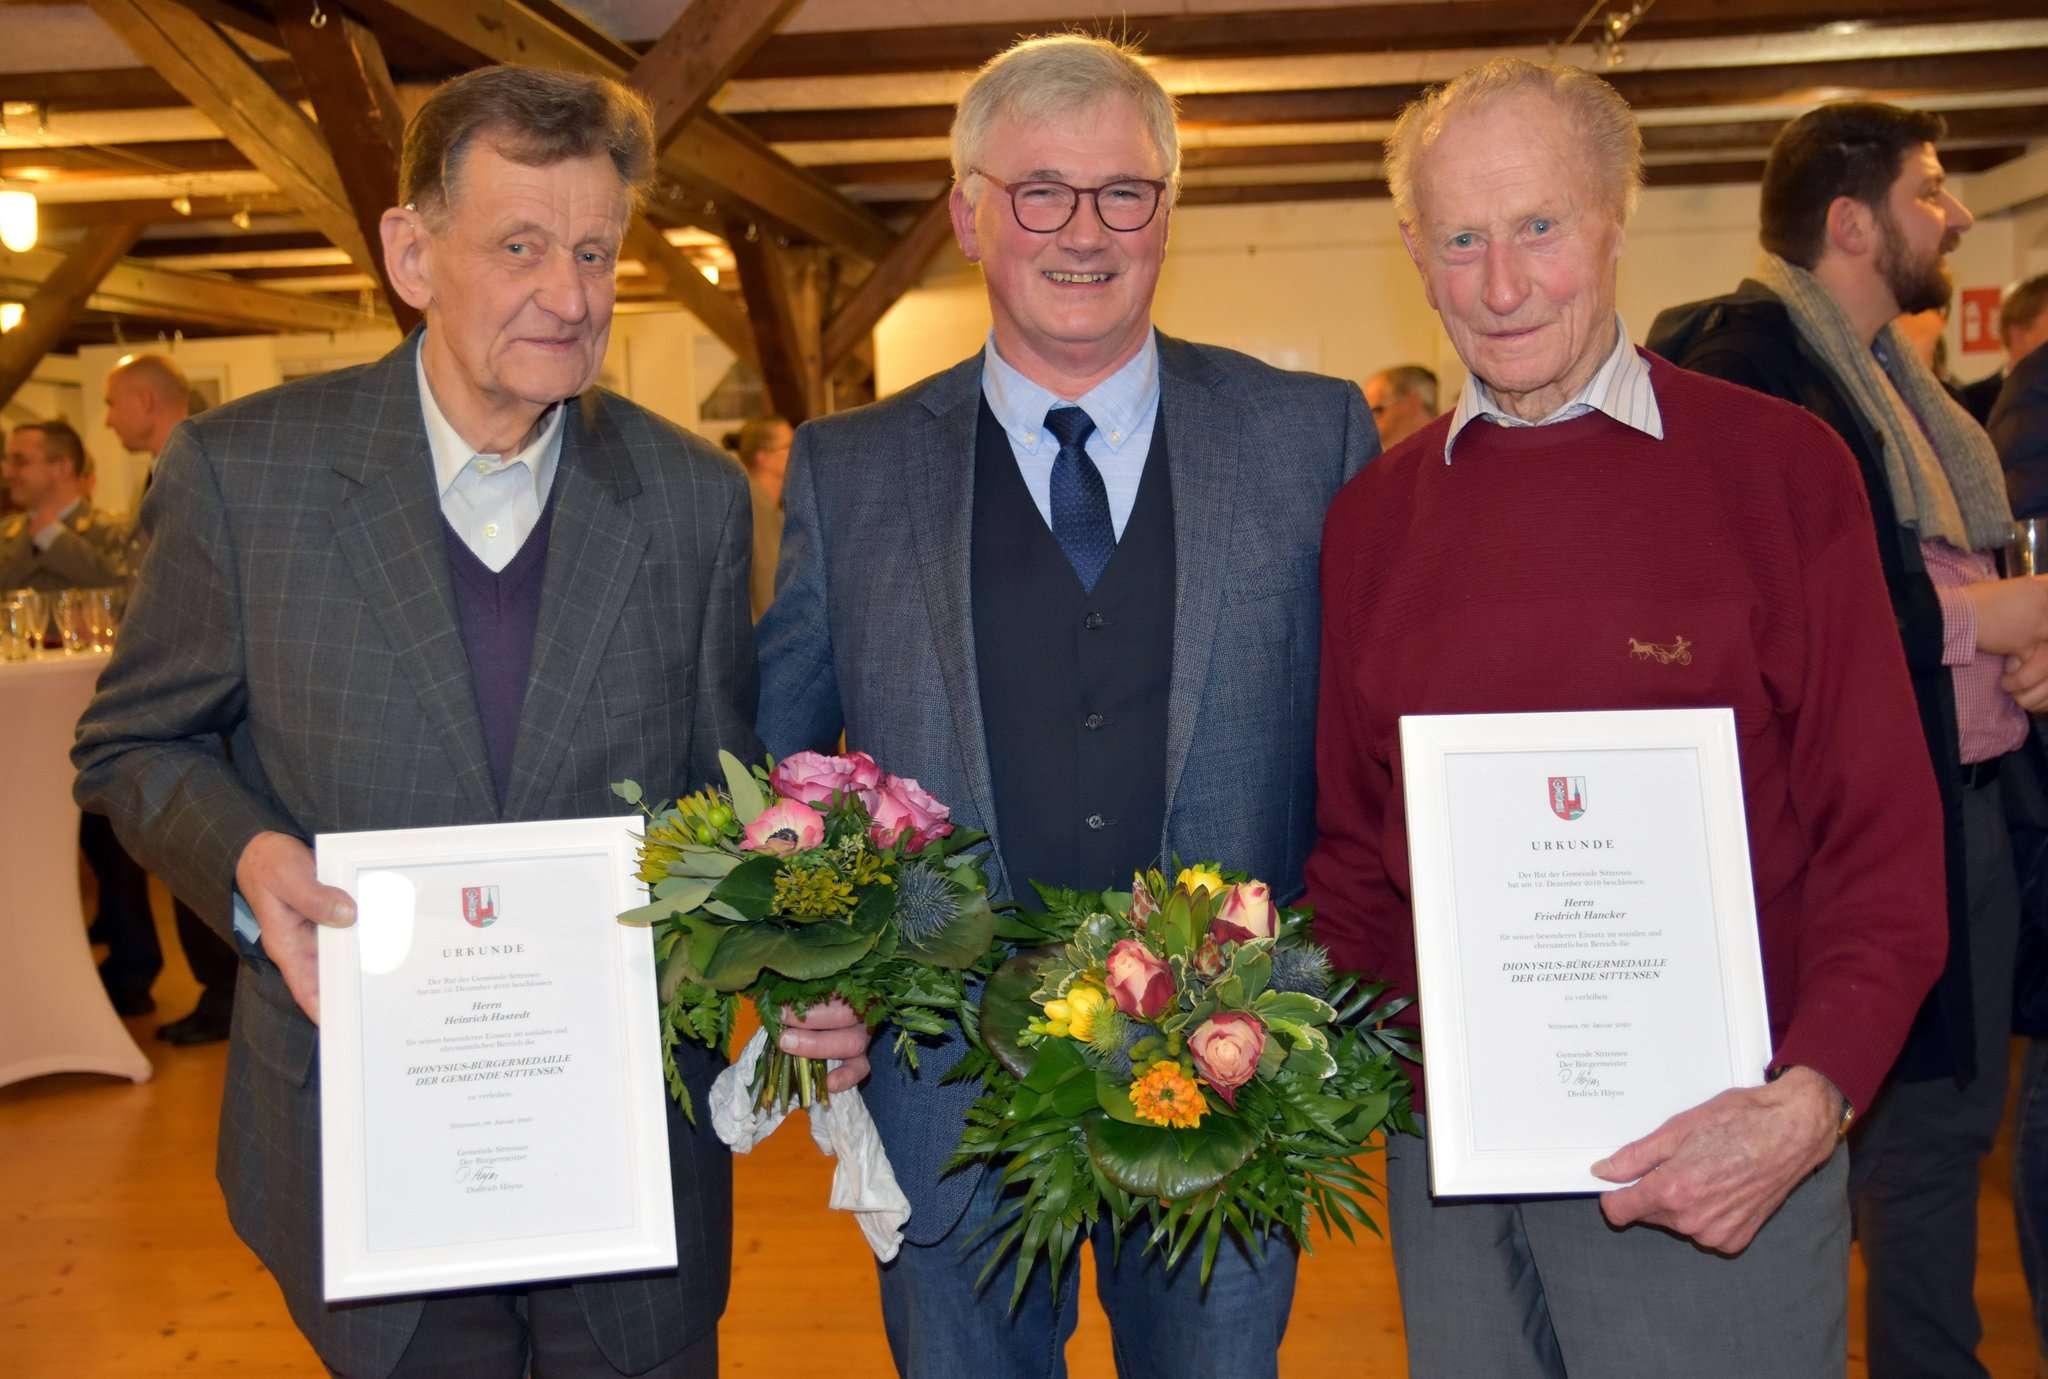 Bürgermeister Diedrich Höyns (Mitte) mit den neuen Trägern der Dionysius-Medaille, Friedel Hancker (rechts) und Heiner Hastedt. Foto: Heidrun Meyer